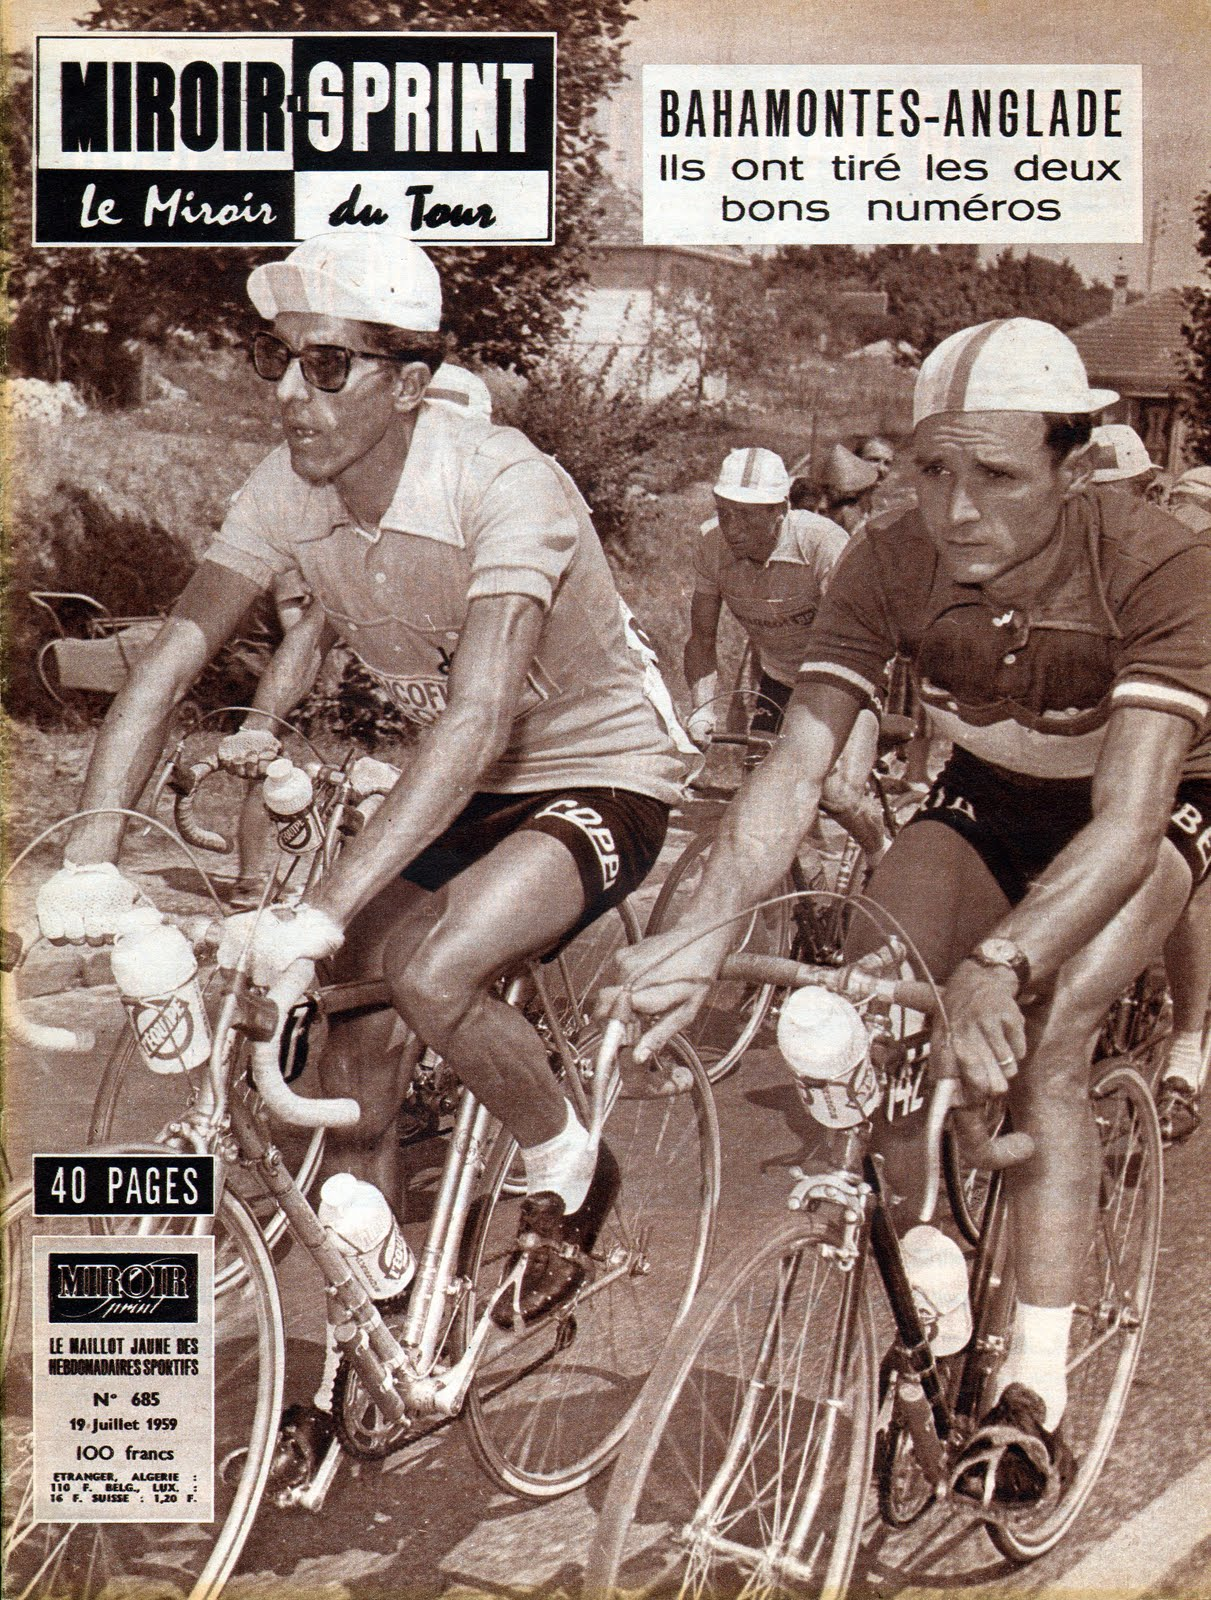 Mon tour de france 1959 la suite miroir sprint retour for Miroir du ciclisme